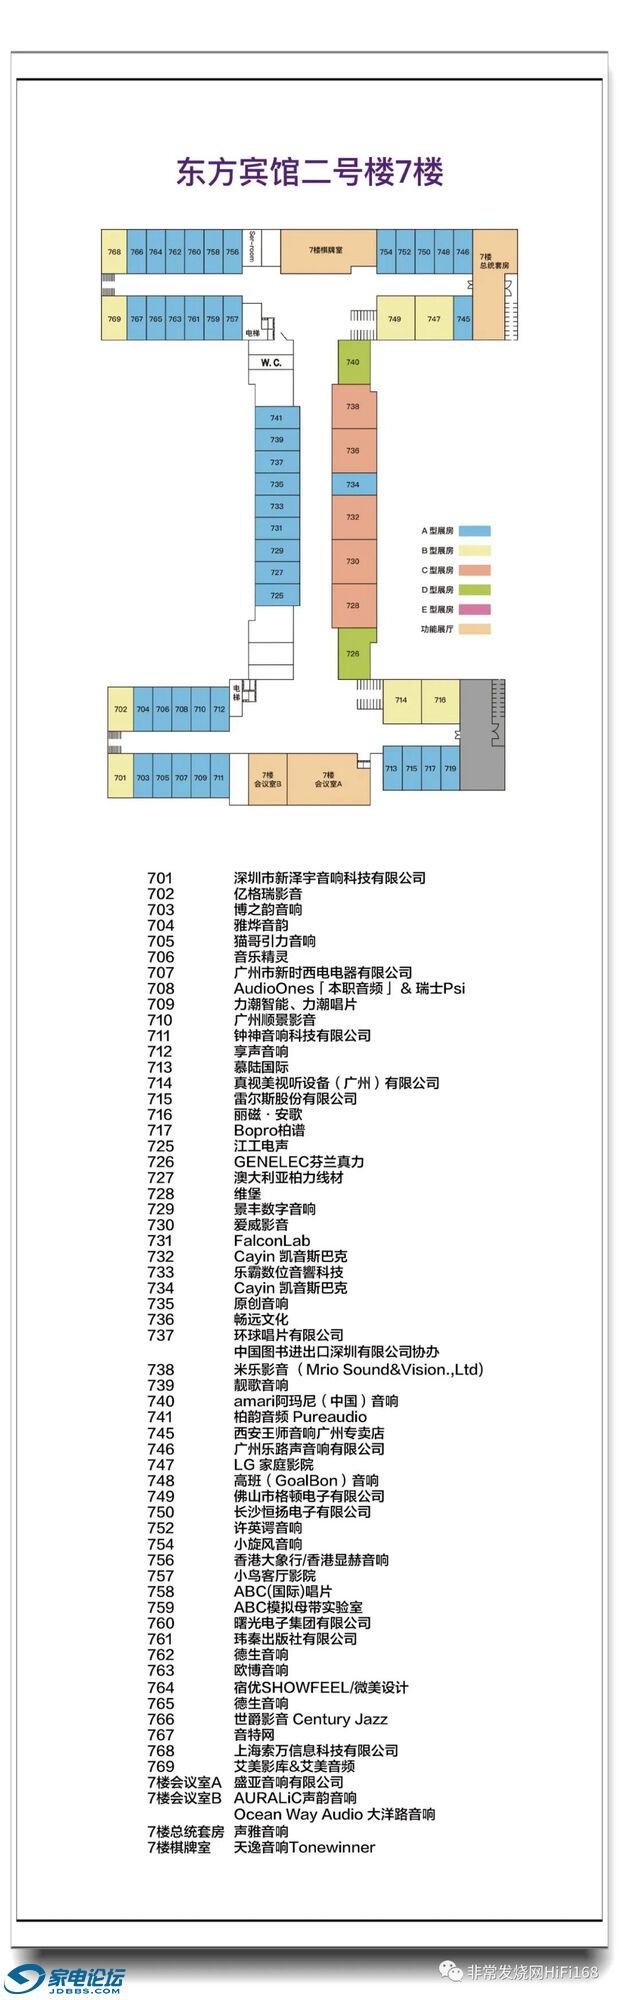 2021年广州国际音响唱片展_007_副本.jpg